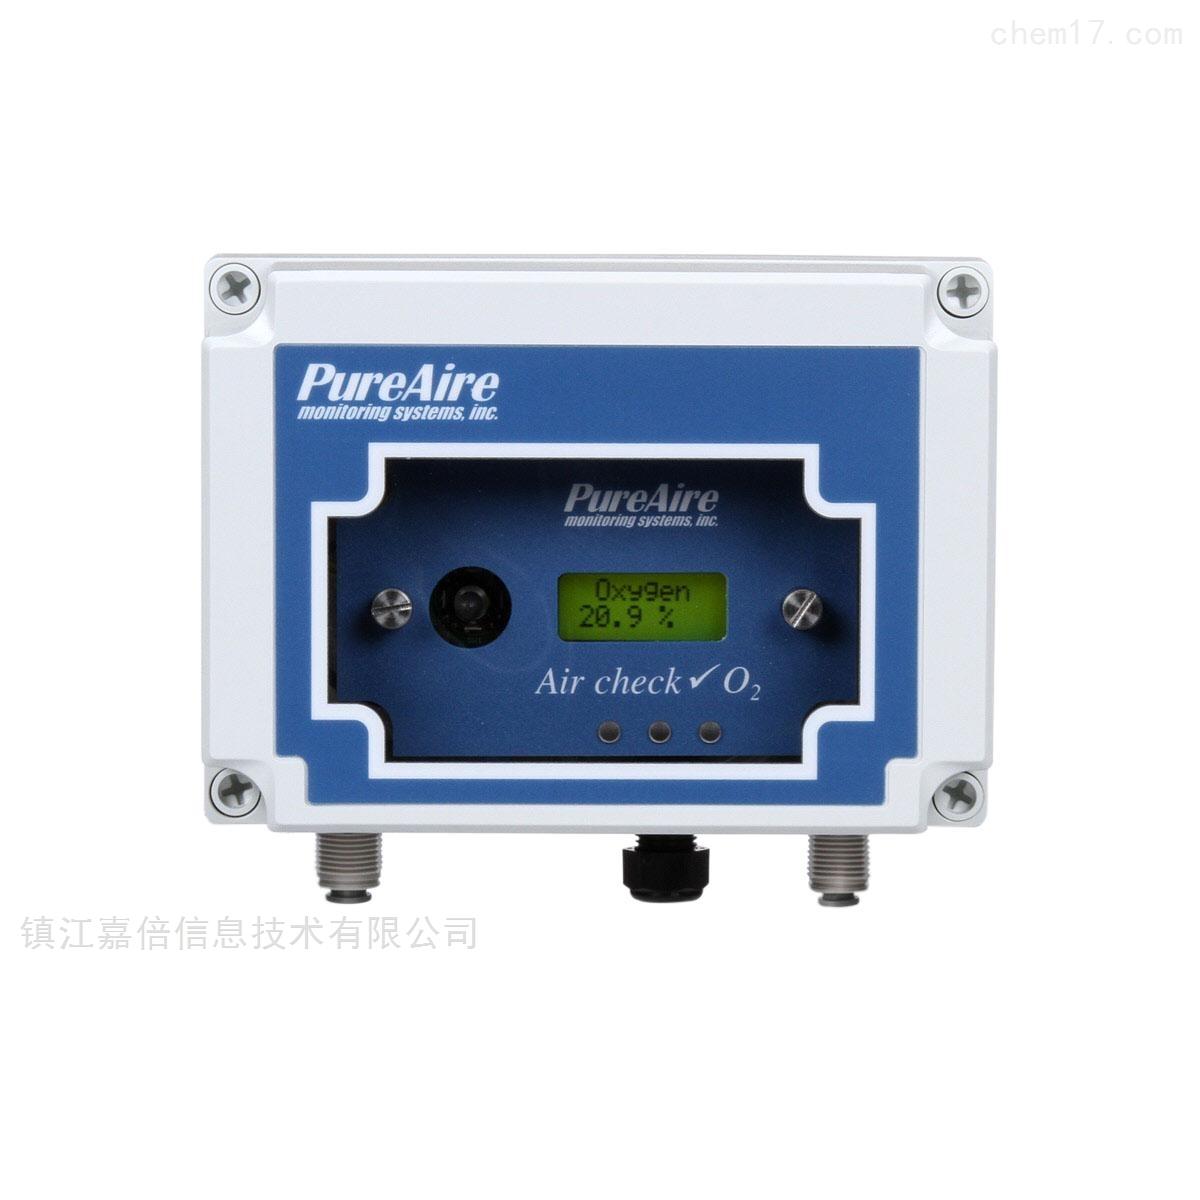 PureAire溴化氢监控器(HBr)